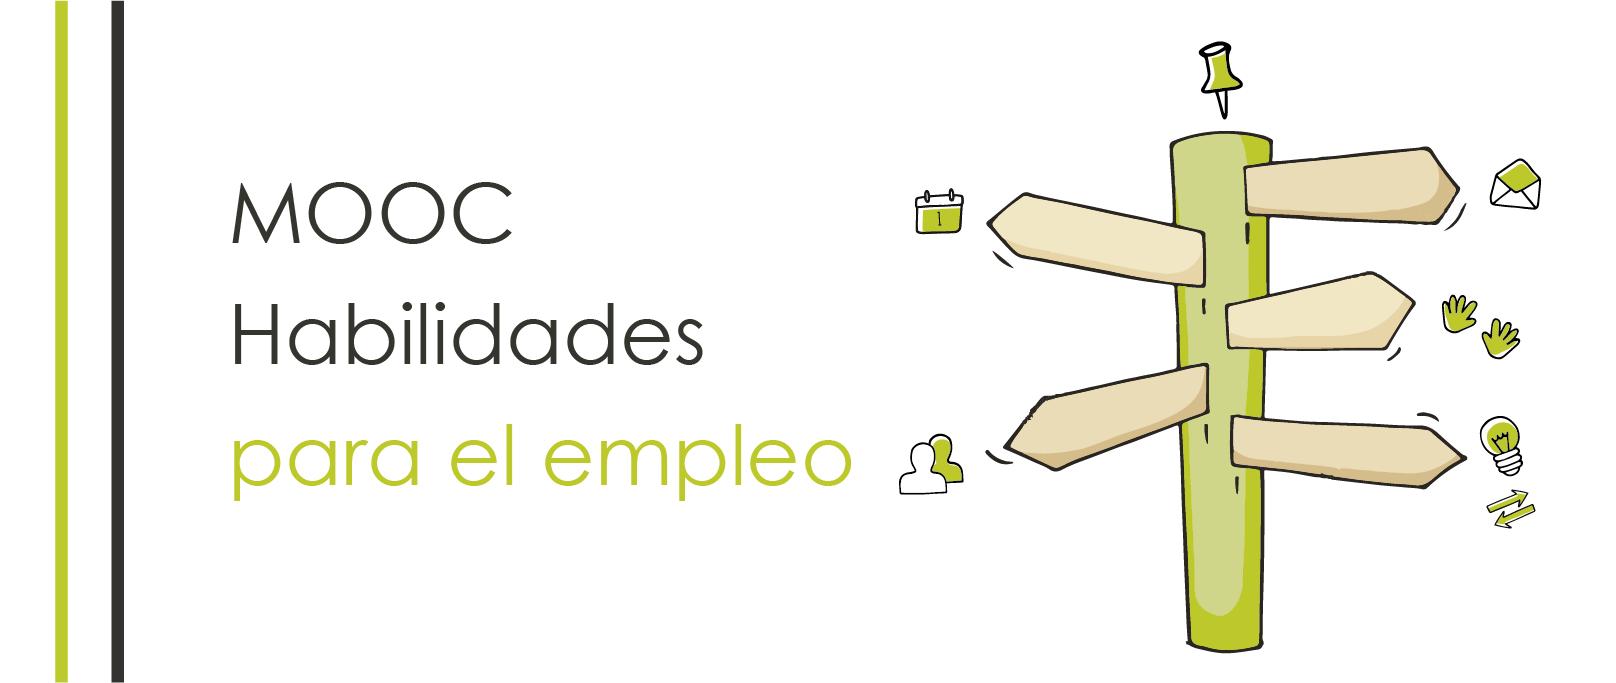 MOOC Habilidades para el empleo: ¡marca la diferencia!